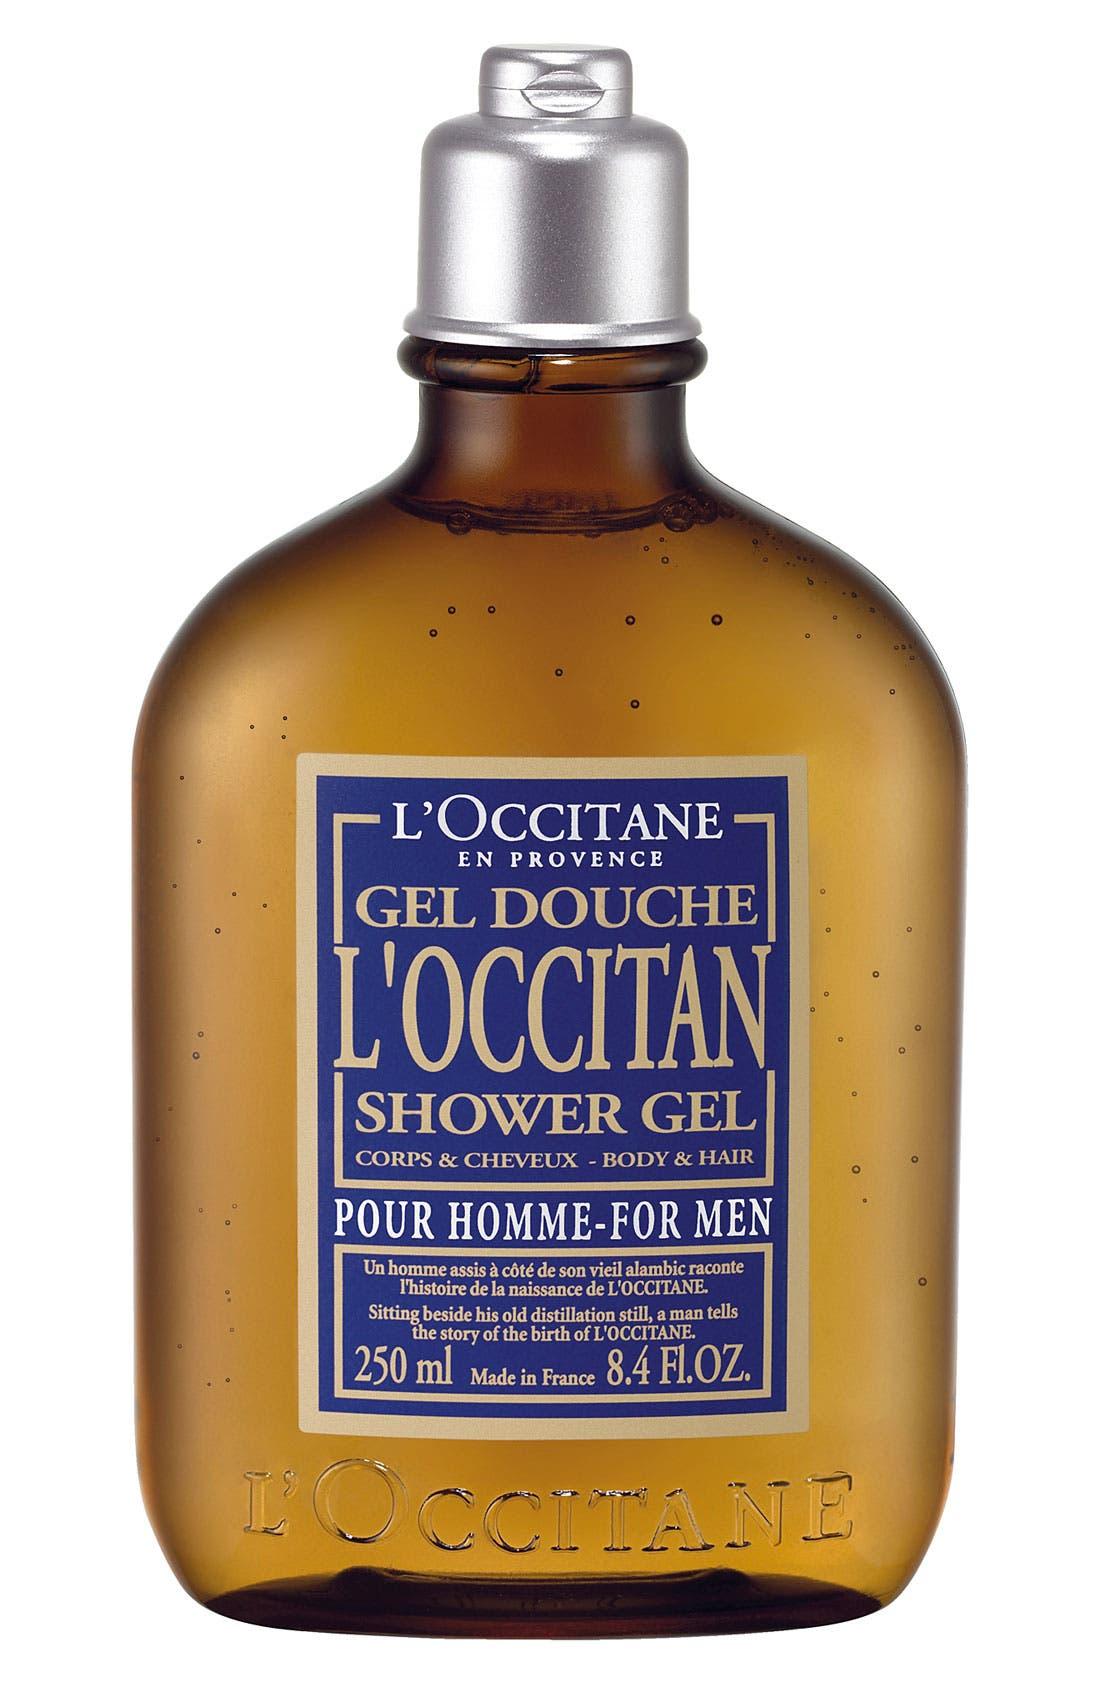 L'Occitane 'Pour Homme - L'Occitan' Shower Gel